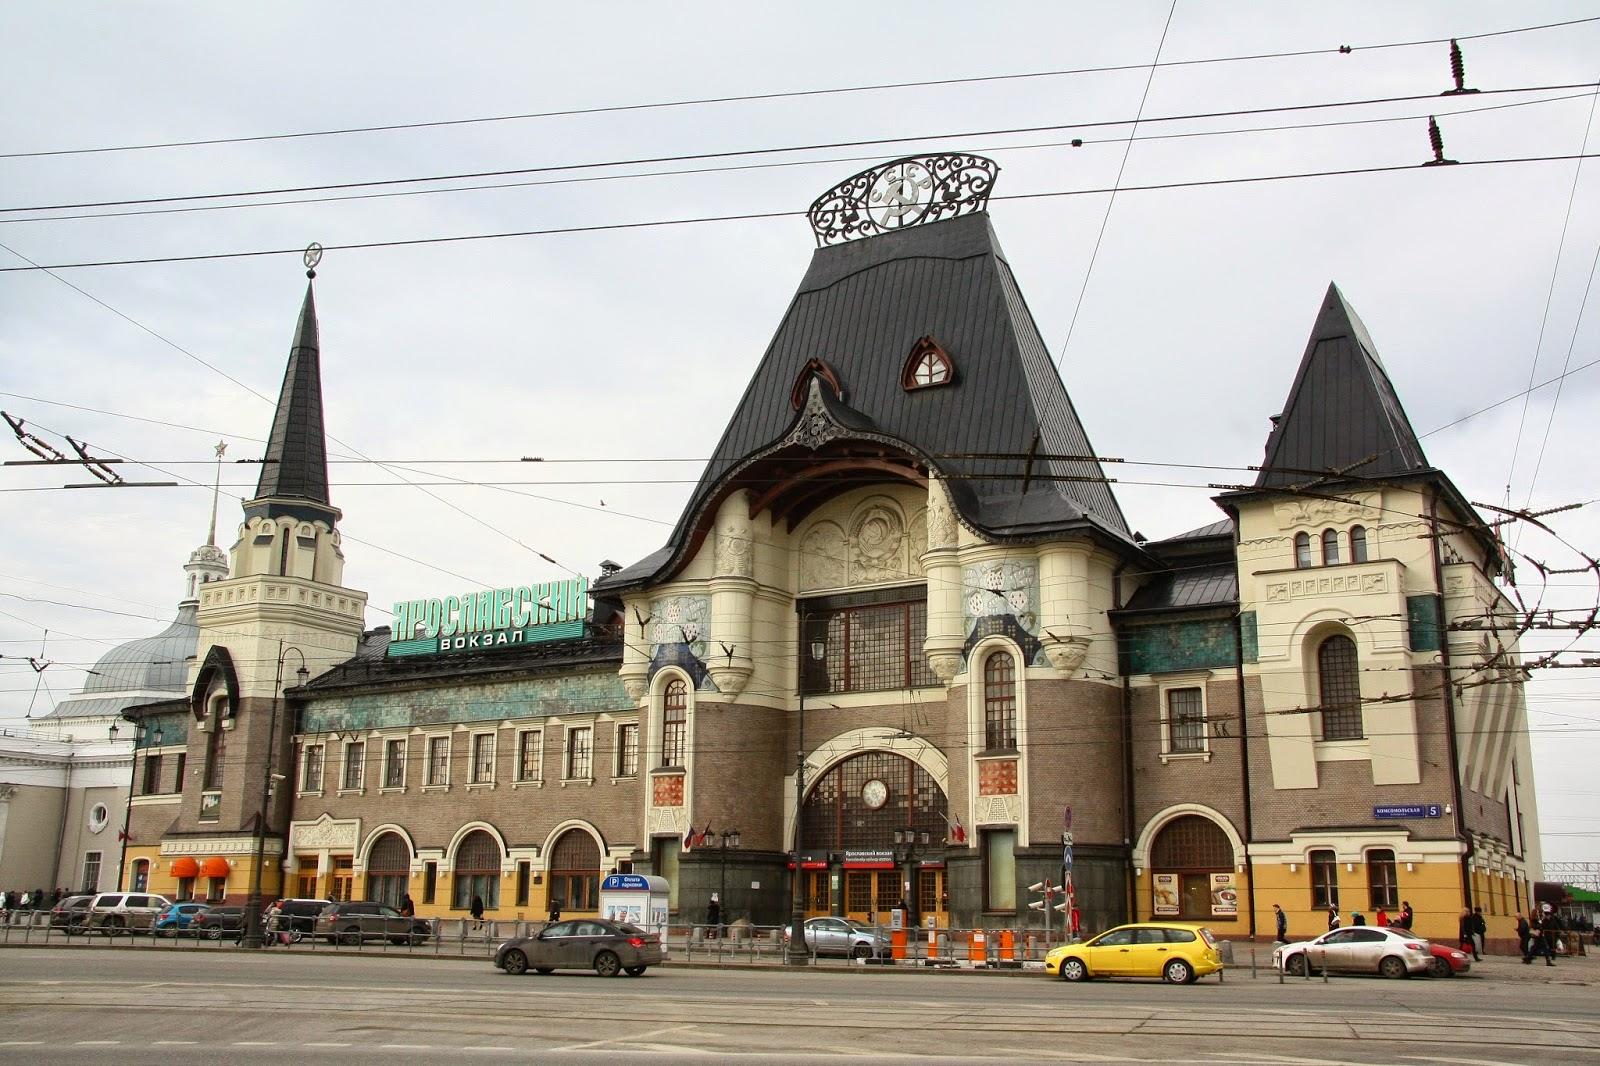 ярославский вокзал москва фото